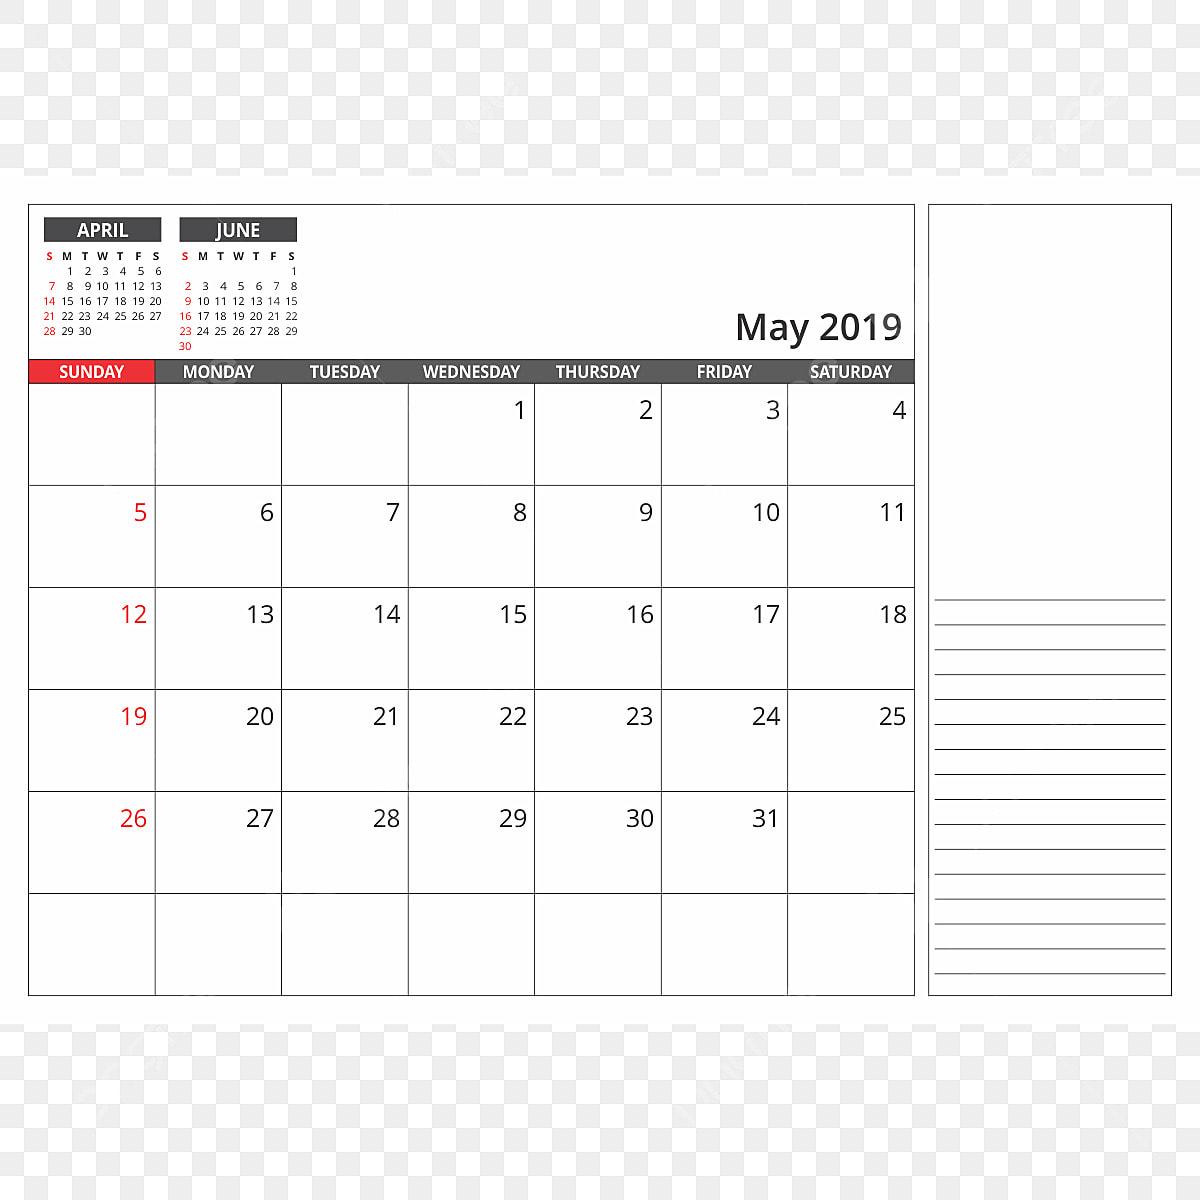 Calendrier Mai2019.Calendrier Mai 2019 2019 Calendrier La Papouasie Nouvelle